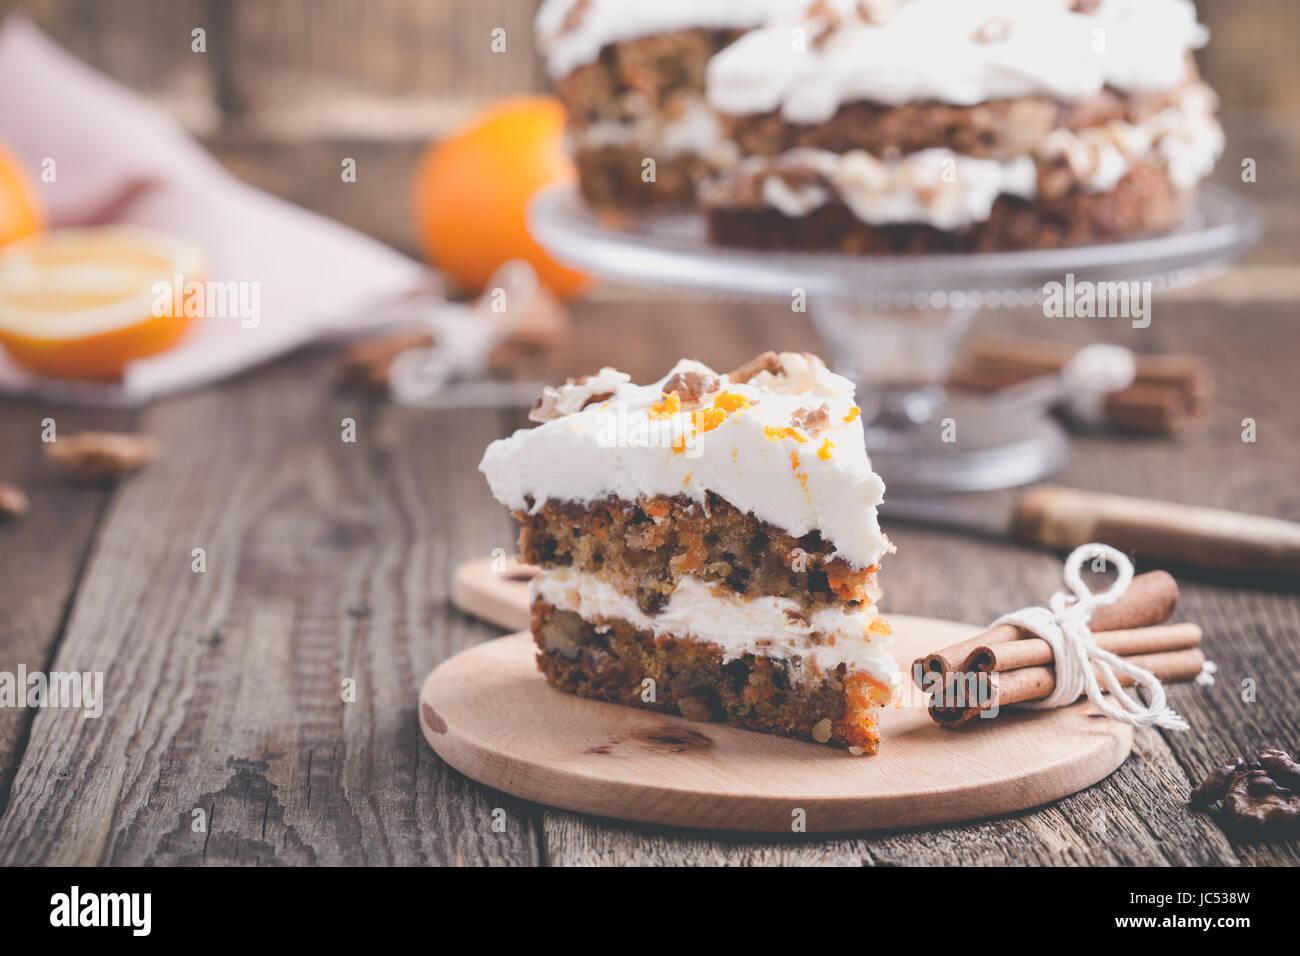 Karotte Kuchen Mit Walnussen Zimt Und Orange Frischkase Zuckerguss